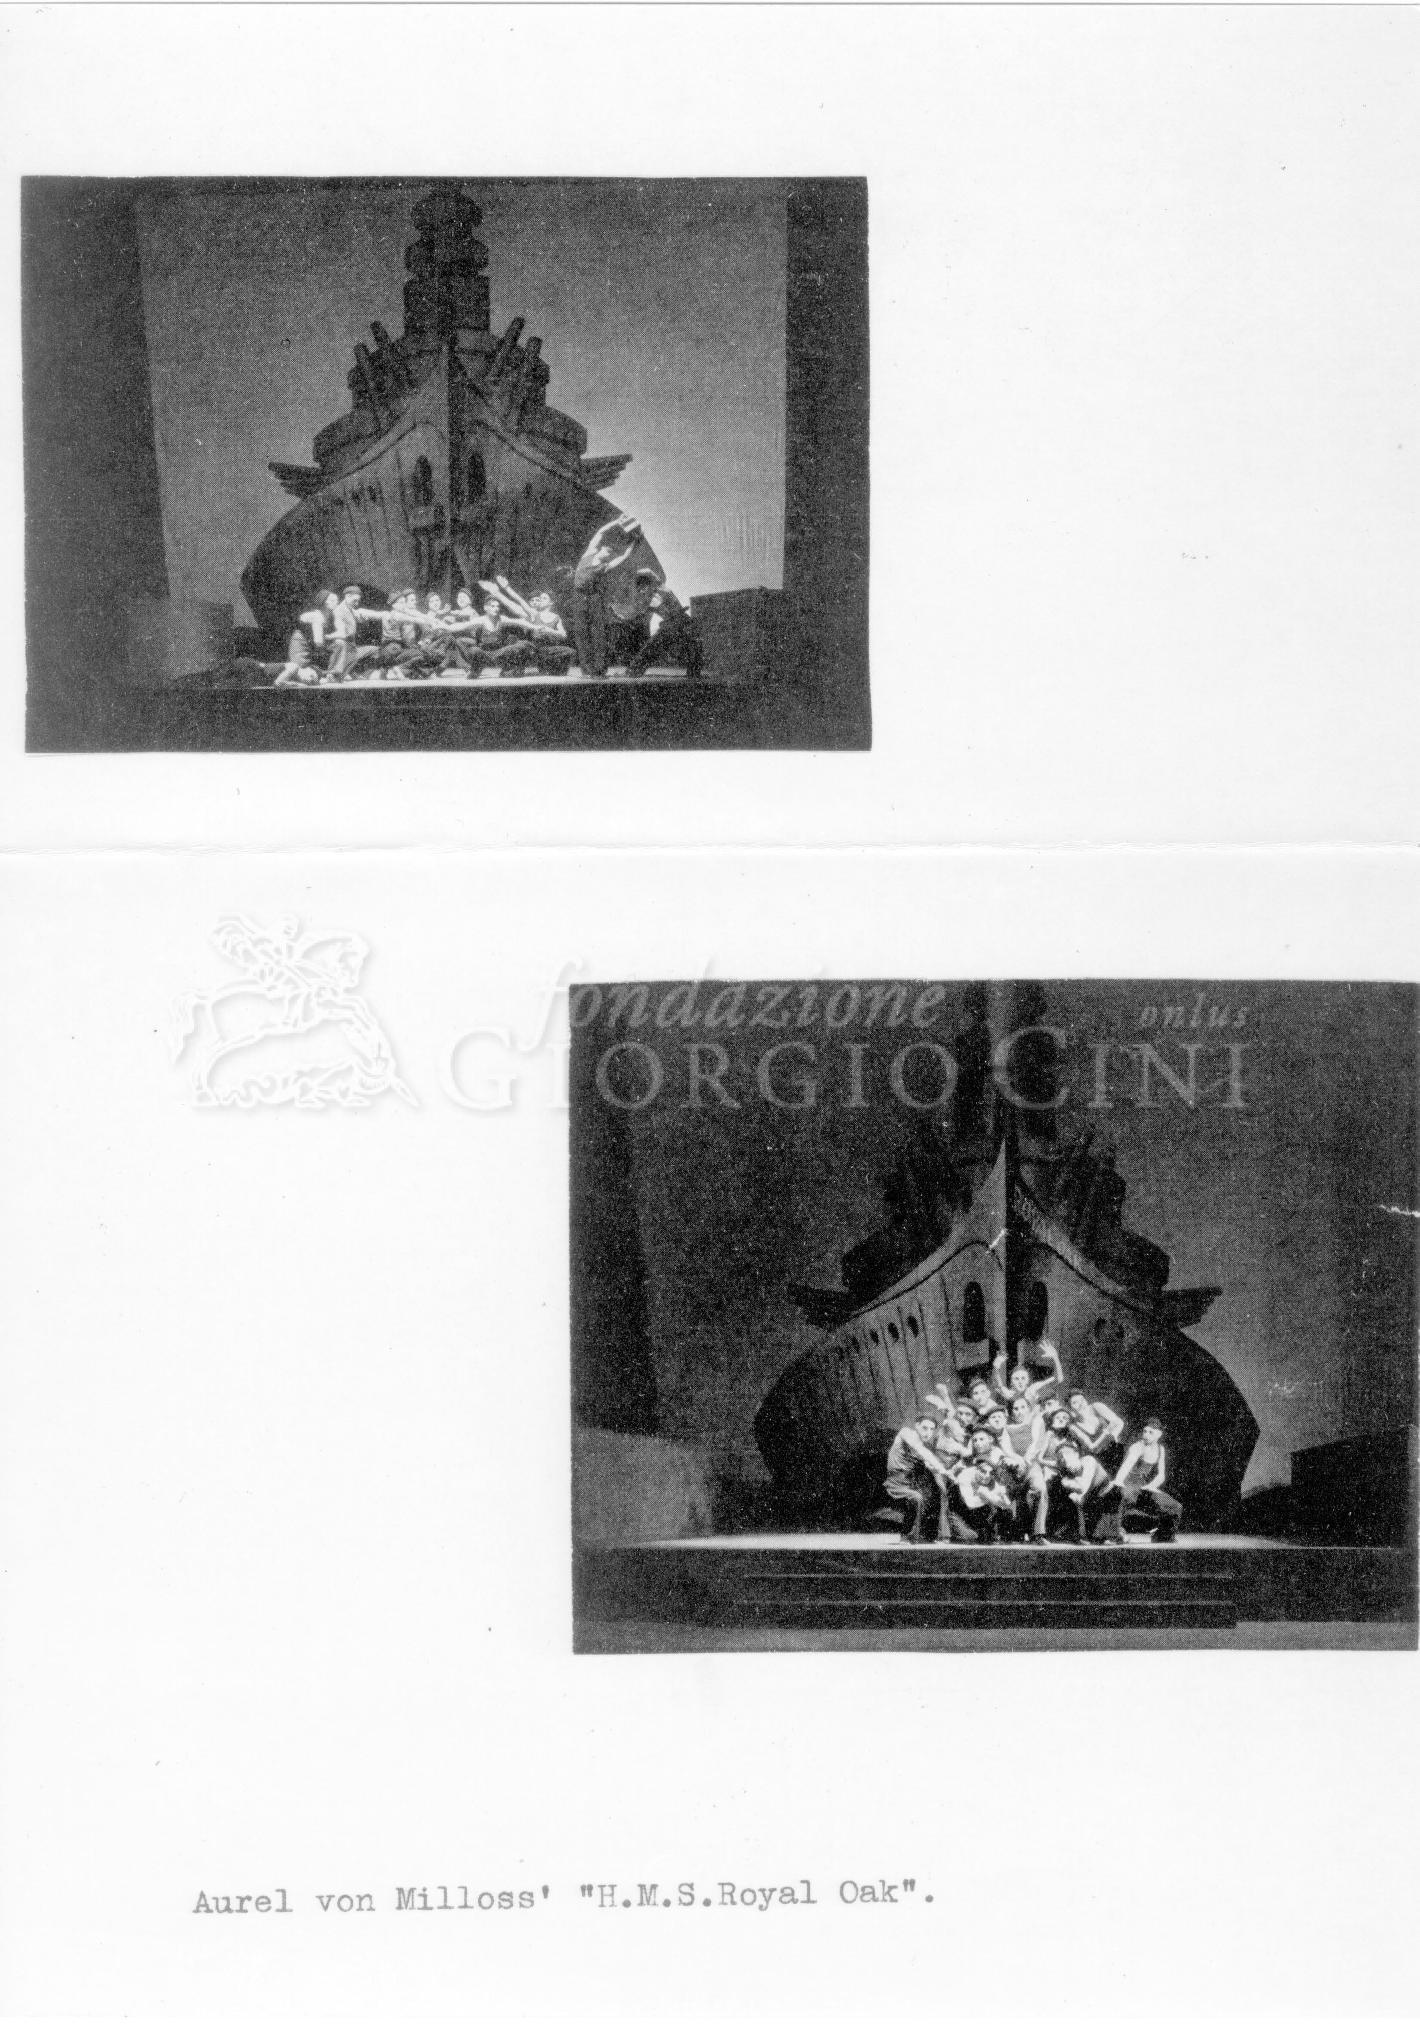 Stampa gelatina ai sali d'argento / carta